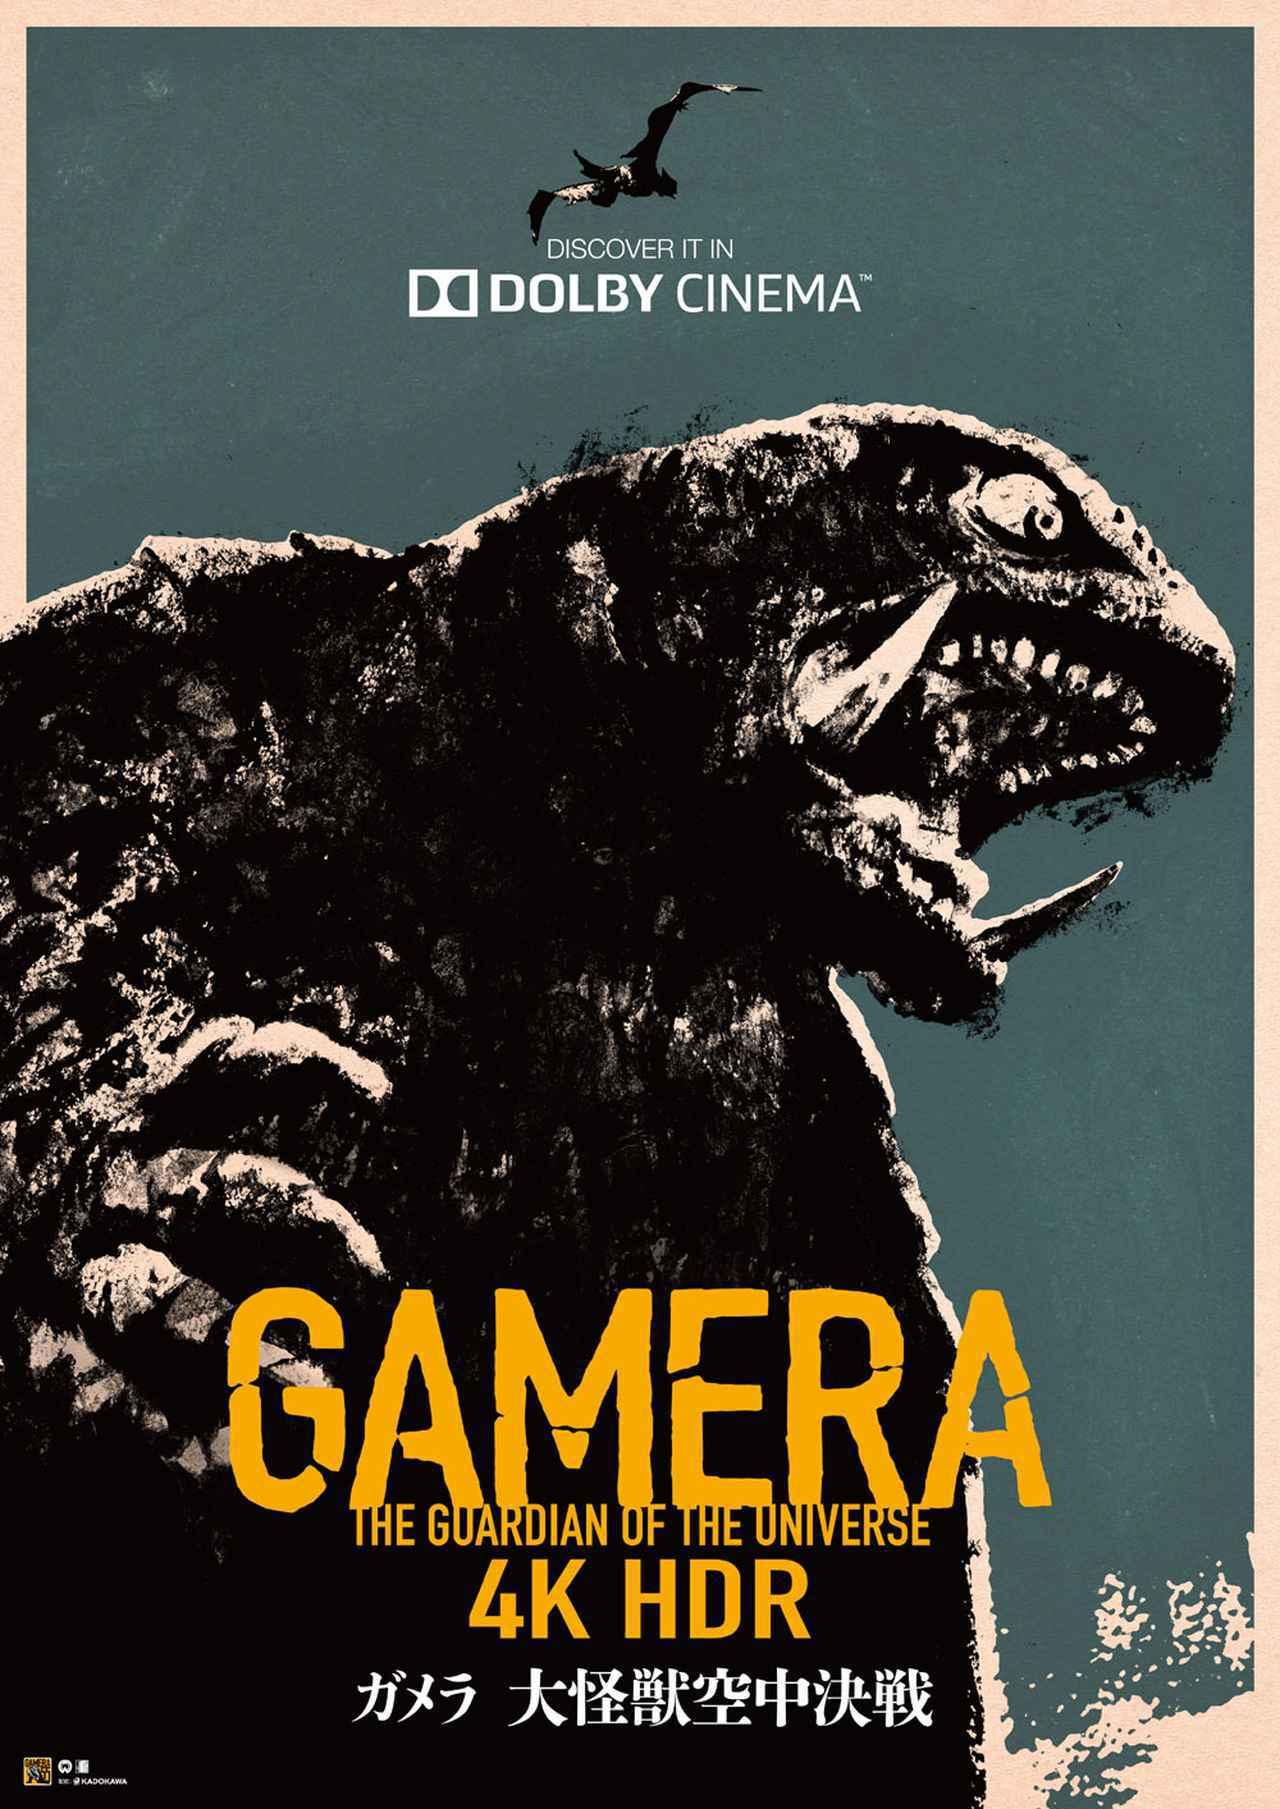 画像4: 4K/HDRガメラはすごいぞ! 平成ガメラ1作目『ガメラ 大怪獣空中決戦』が、本日よりドルビーシネマで上映開始